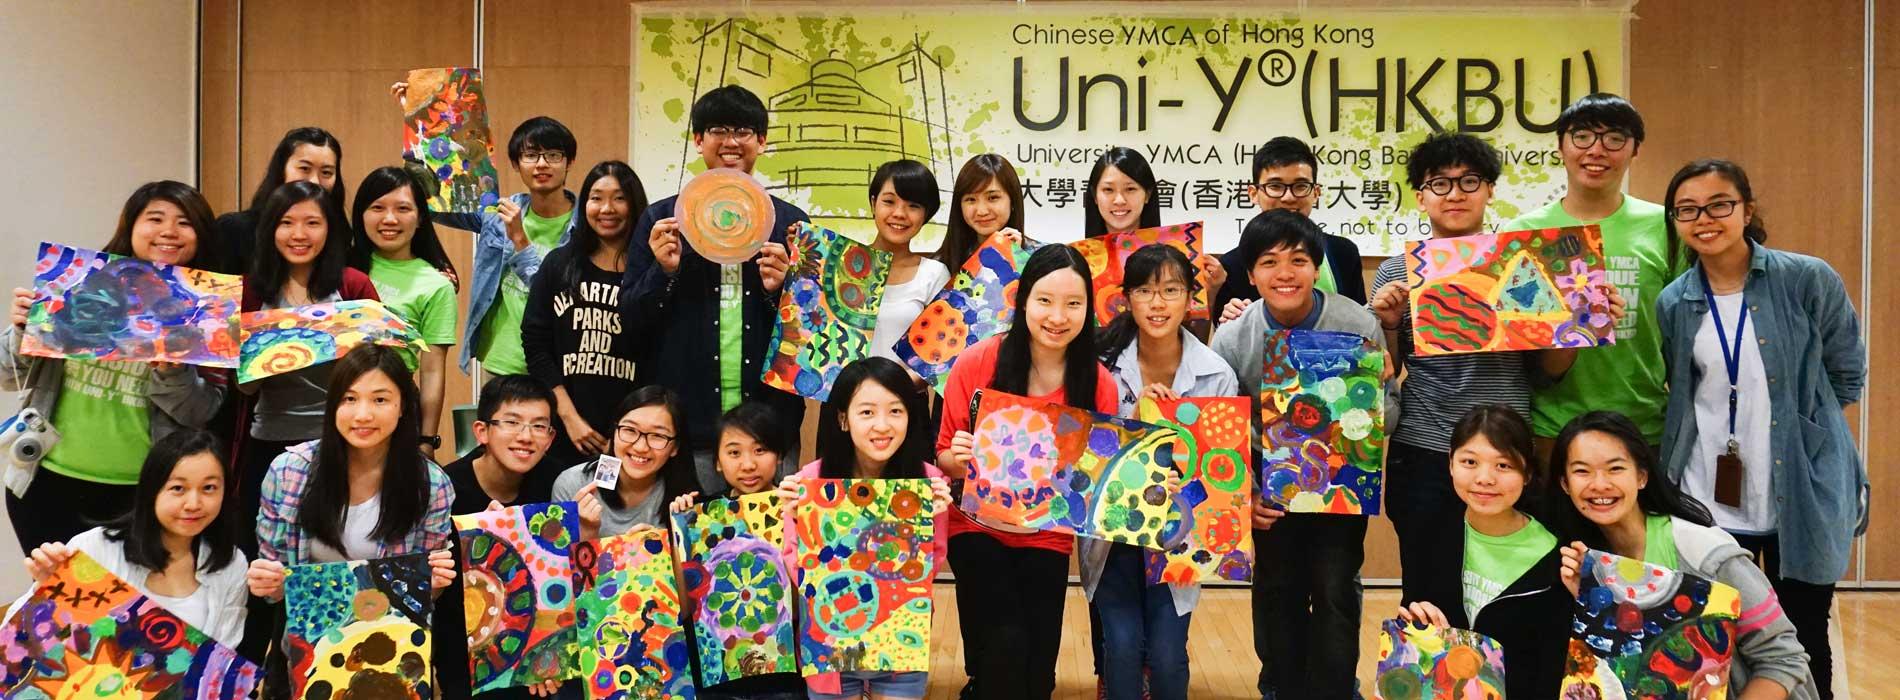 大學青年會香港浸會大學下載專區頁面橫幅